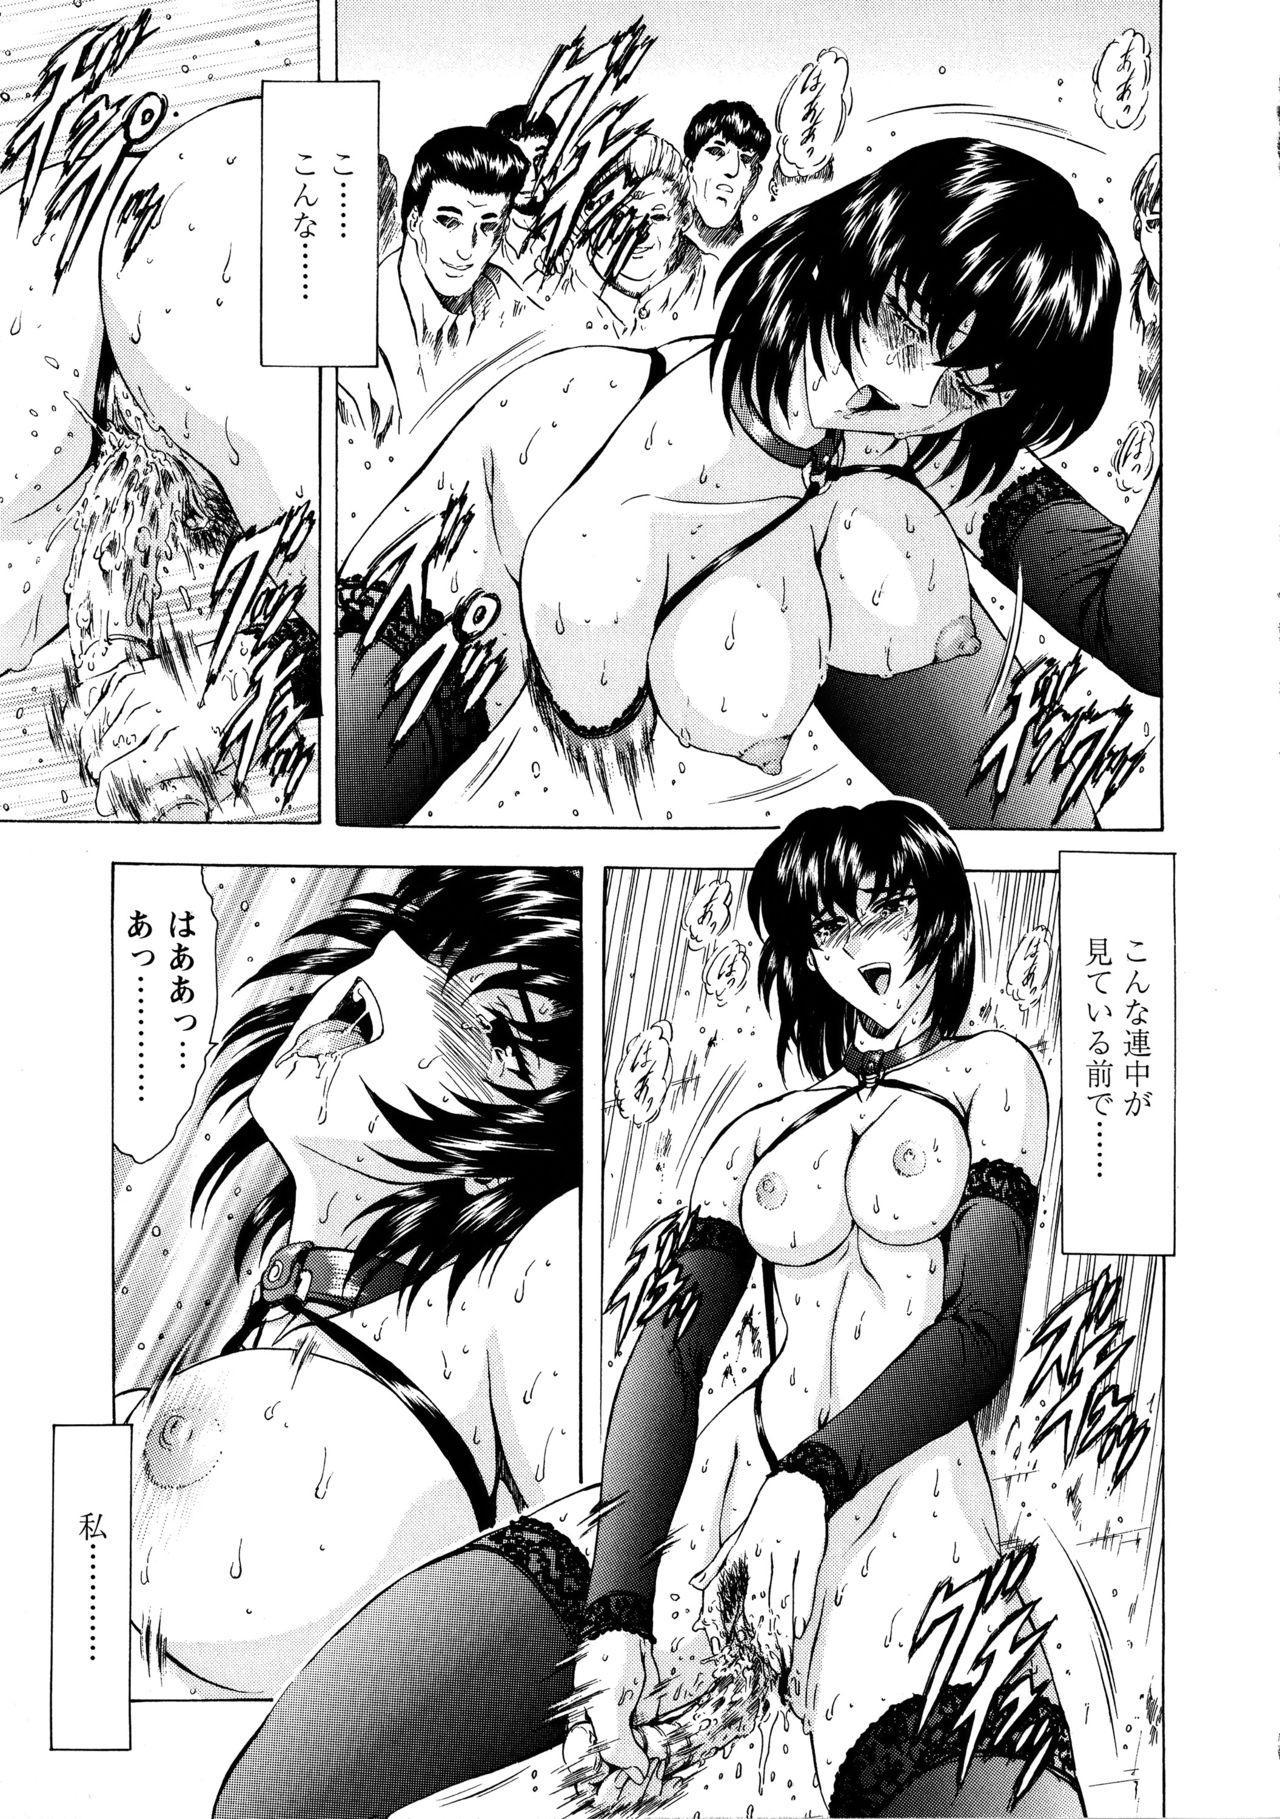 Ginryuu no Reimei Vol. 1 70